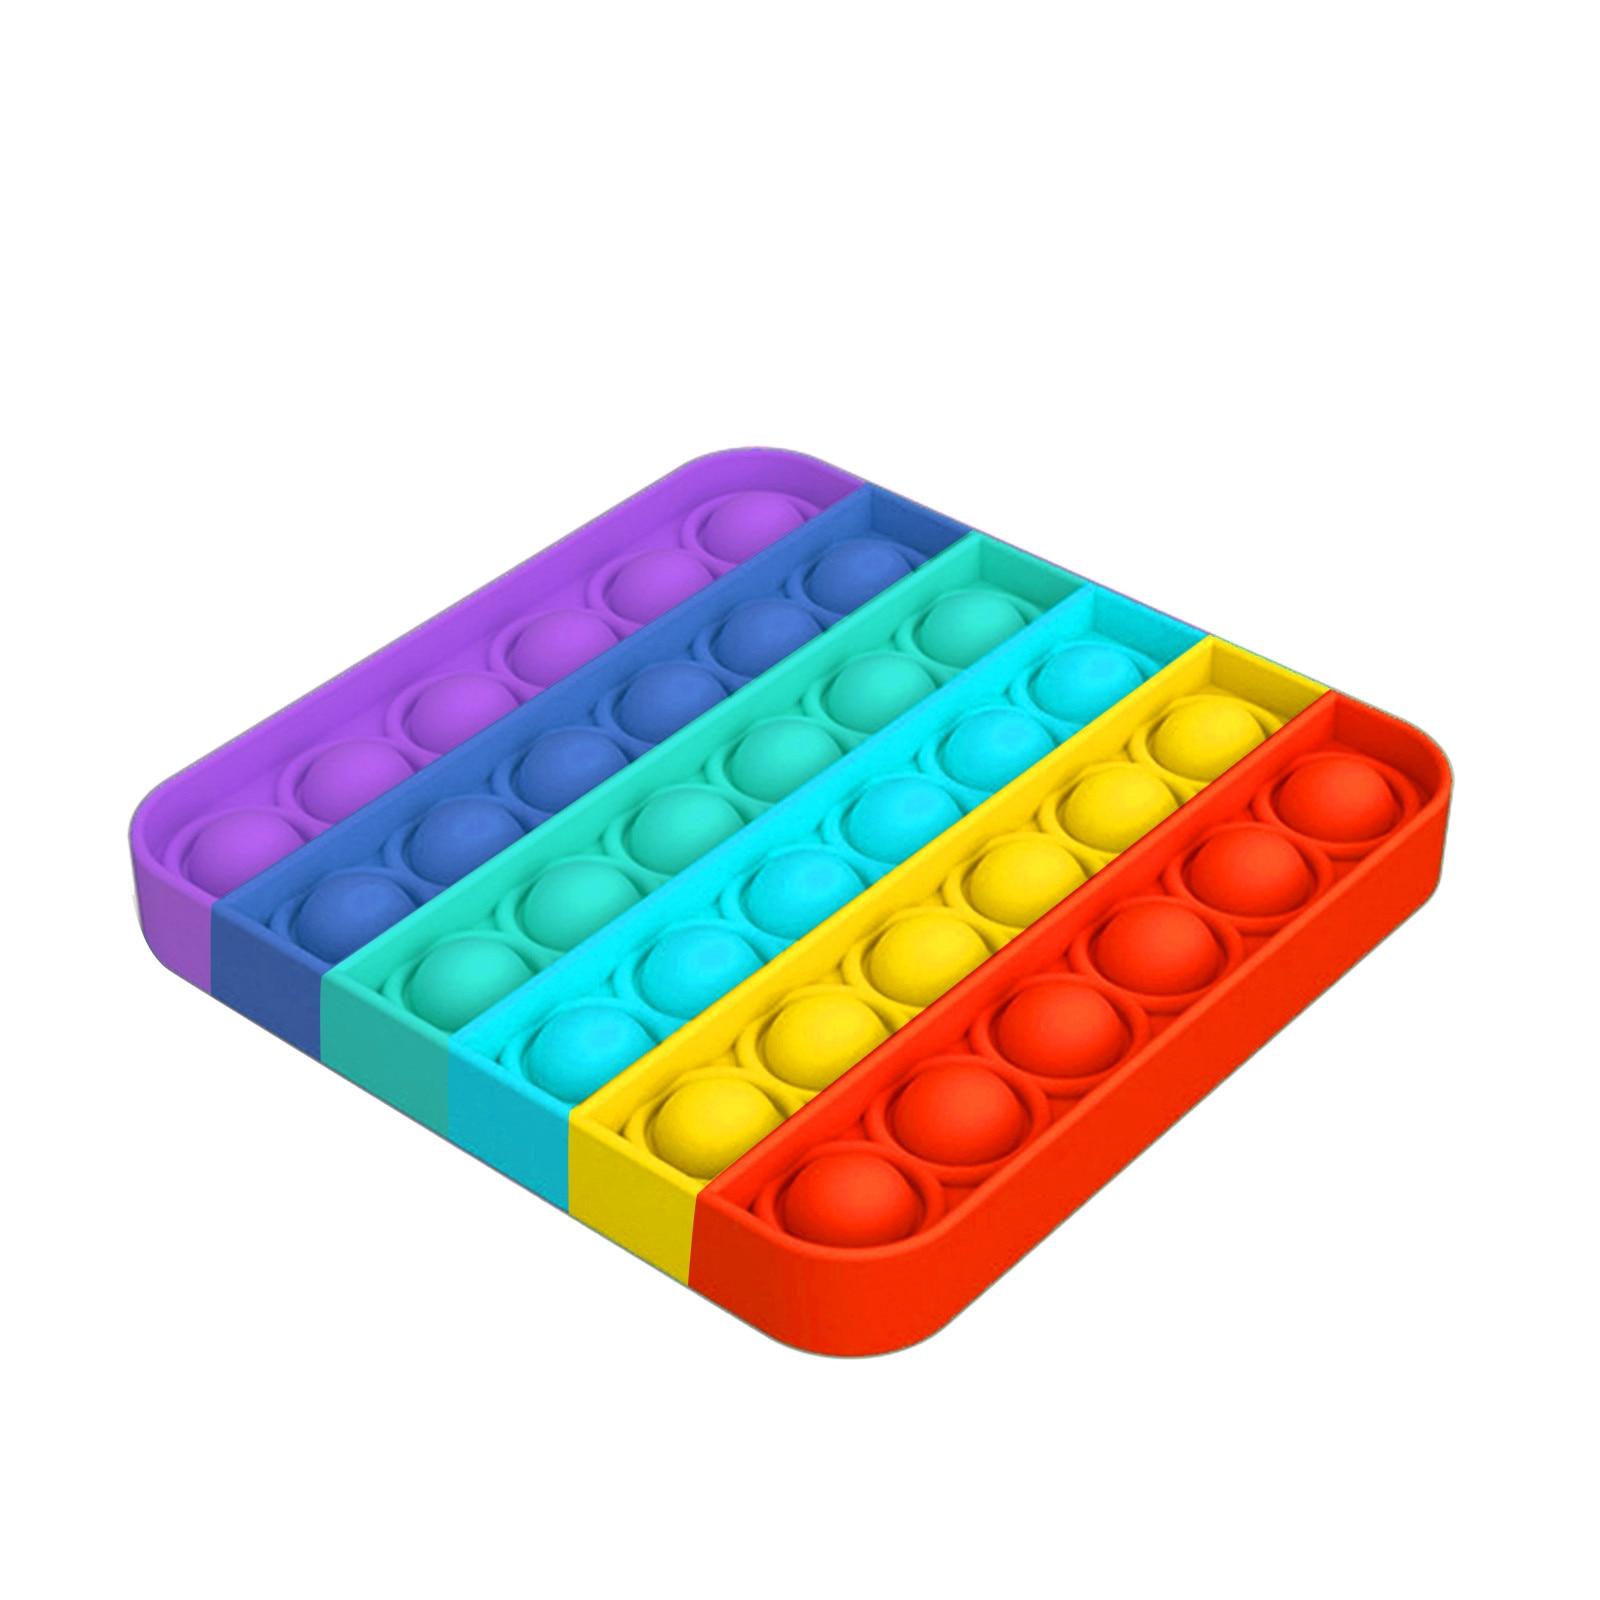 Auciho 21 Packs Fidget Toys Set Cheap Fidget Toys Pack Fidget Set with Dimple and Simple Stress Ball Marble Mesh Pop Bubble Fidget Sensory Toys